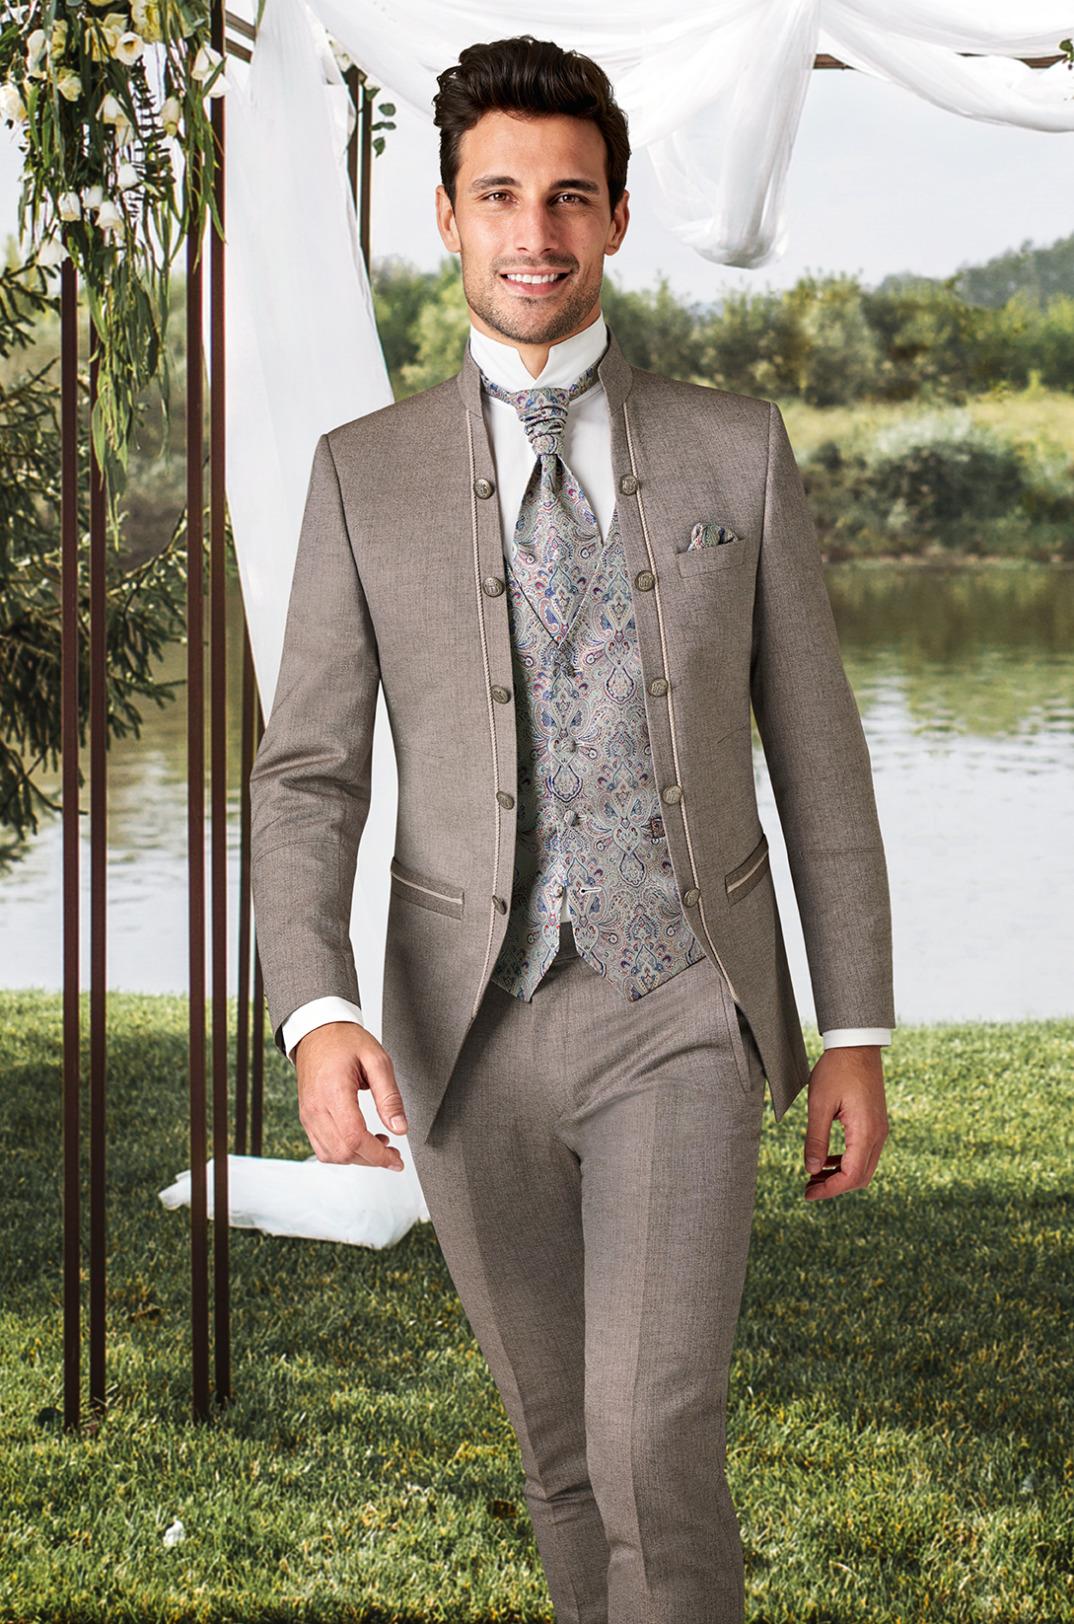 Wilvorst Tziacco Hochzeitsanzug Männer Mode Bräutigam klassisch nude braun mit Ziernähten Stehkragen und gemusterter Weste Jabot weisses Hemd mit Stehkragen